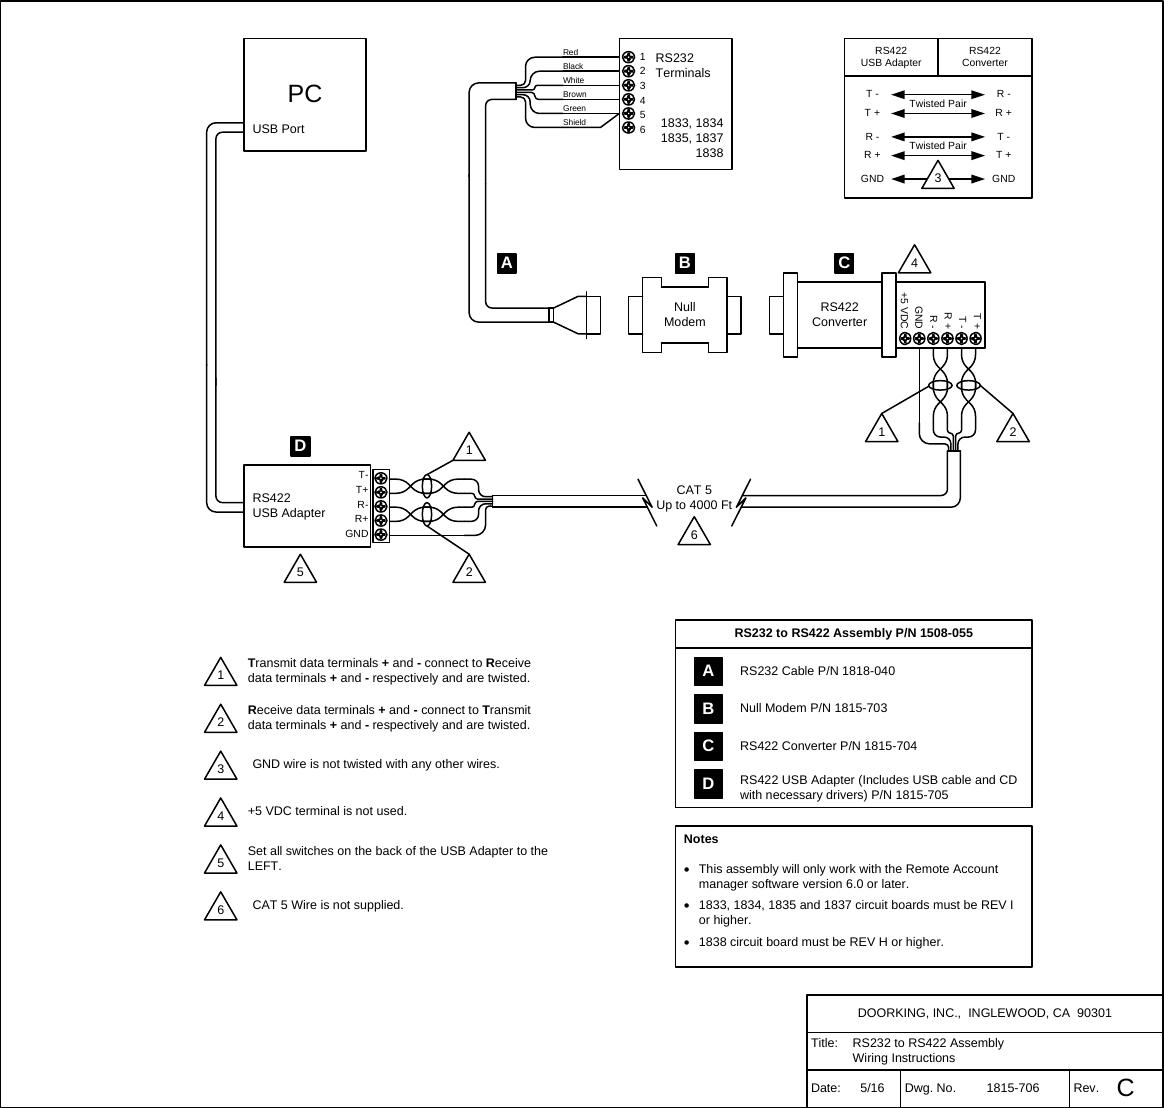 [DIAGRAM_38YU]  DoorKing M1815 706 A Door King RS232 To RS422 Assembly Wiring Diagram 1815  C 5 15 | Wiring Diagram P 1508 |  | UserManual.wiki